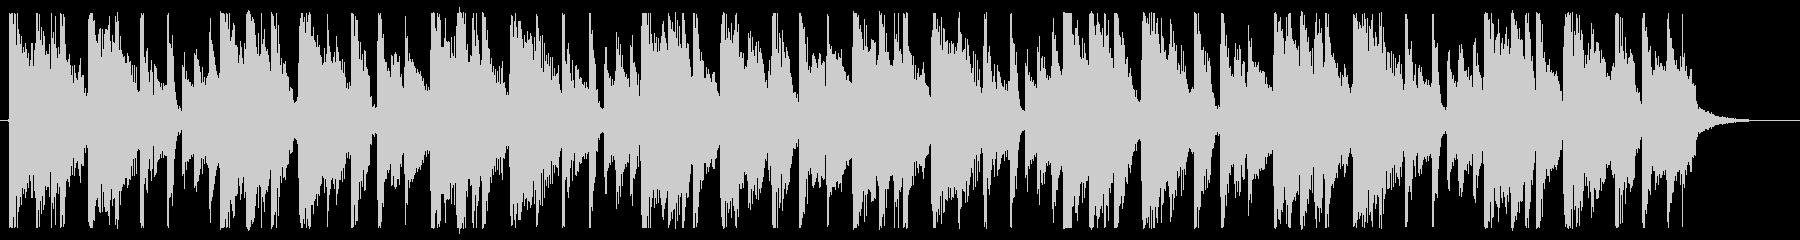 アーバン/都会/R&B_No458_4の未再生の波形